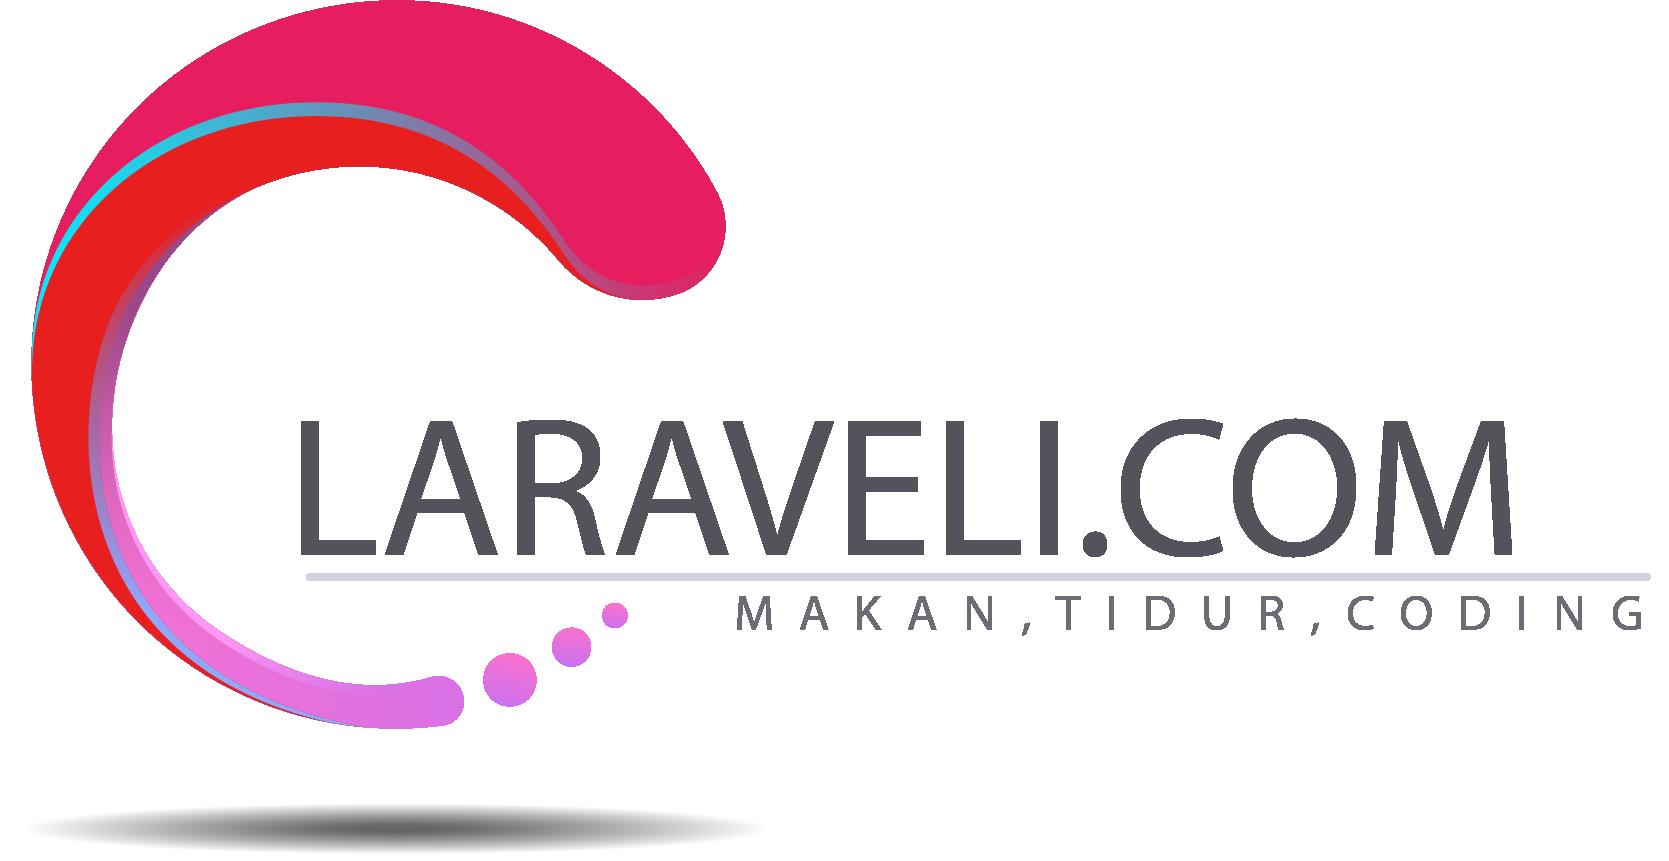 Laraveli.com